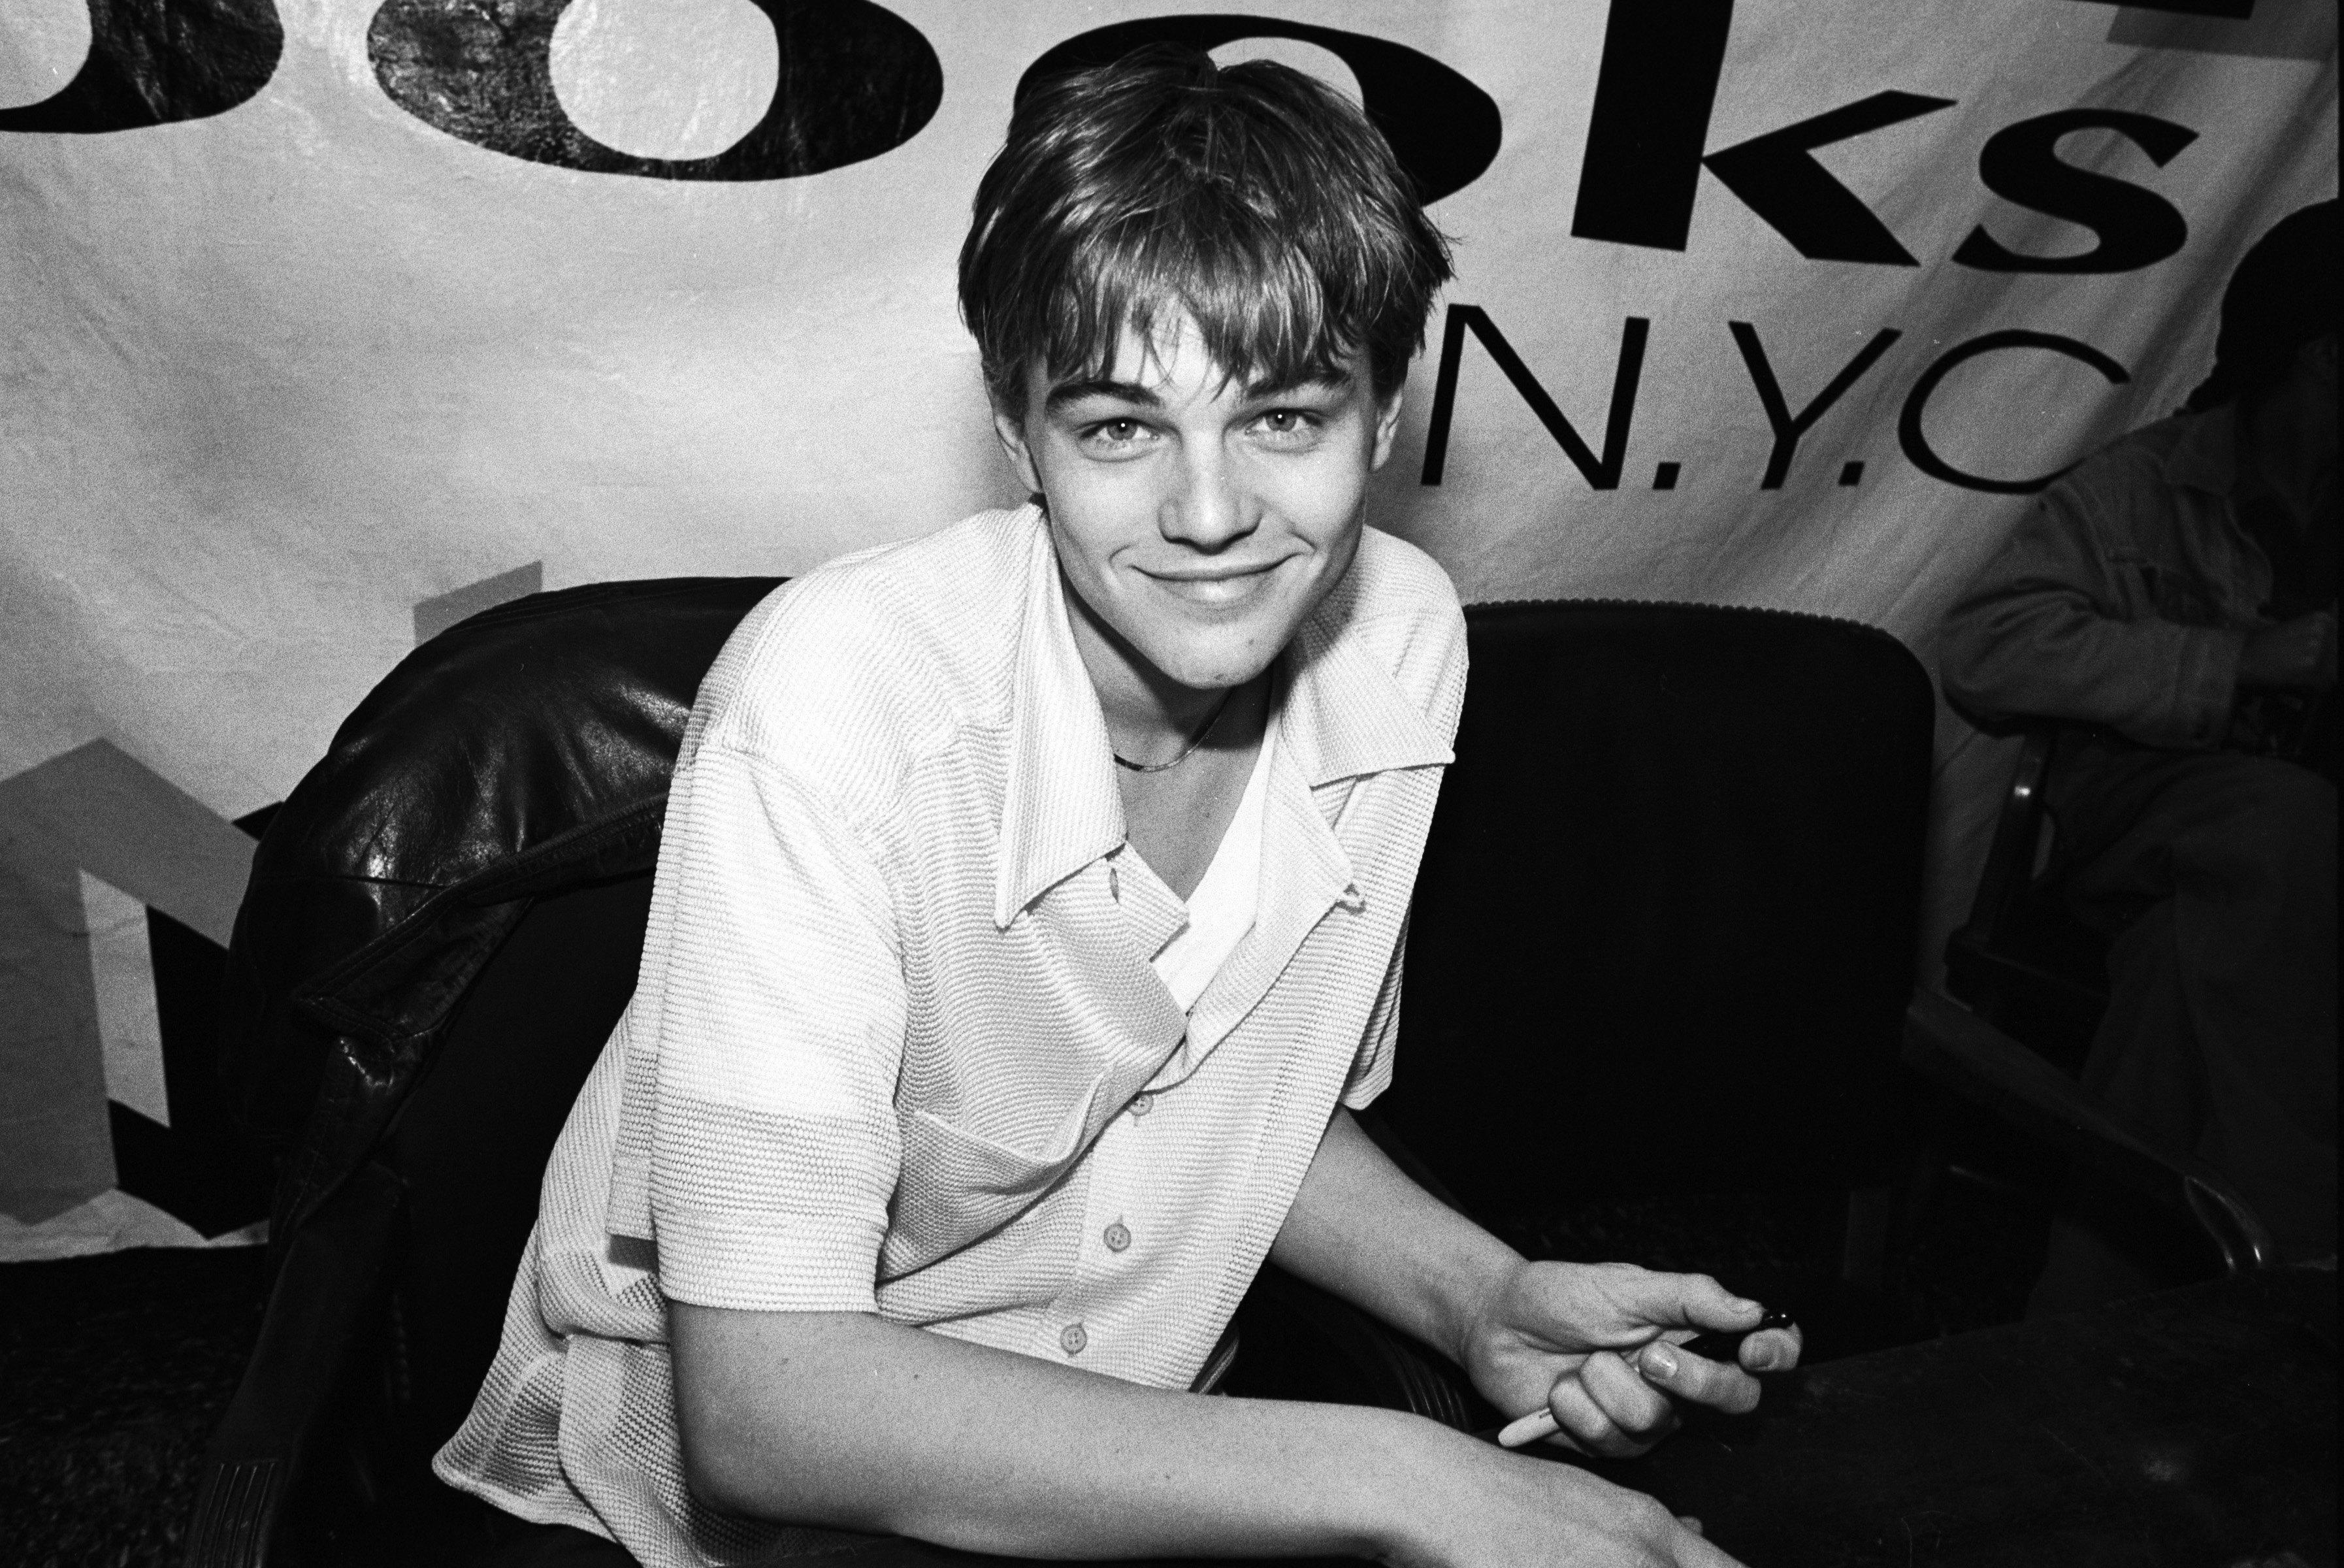 Leonardo DiCaprio in New York City in 1995.